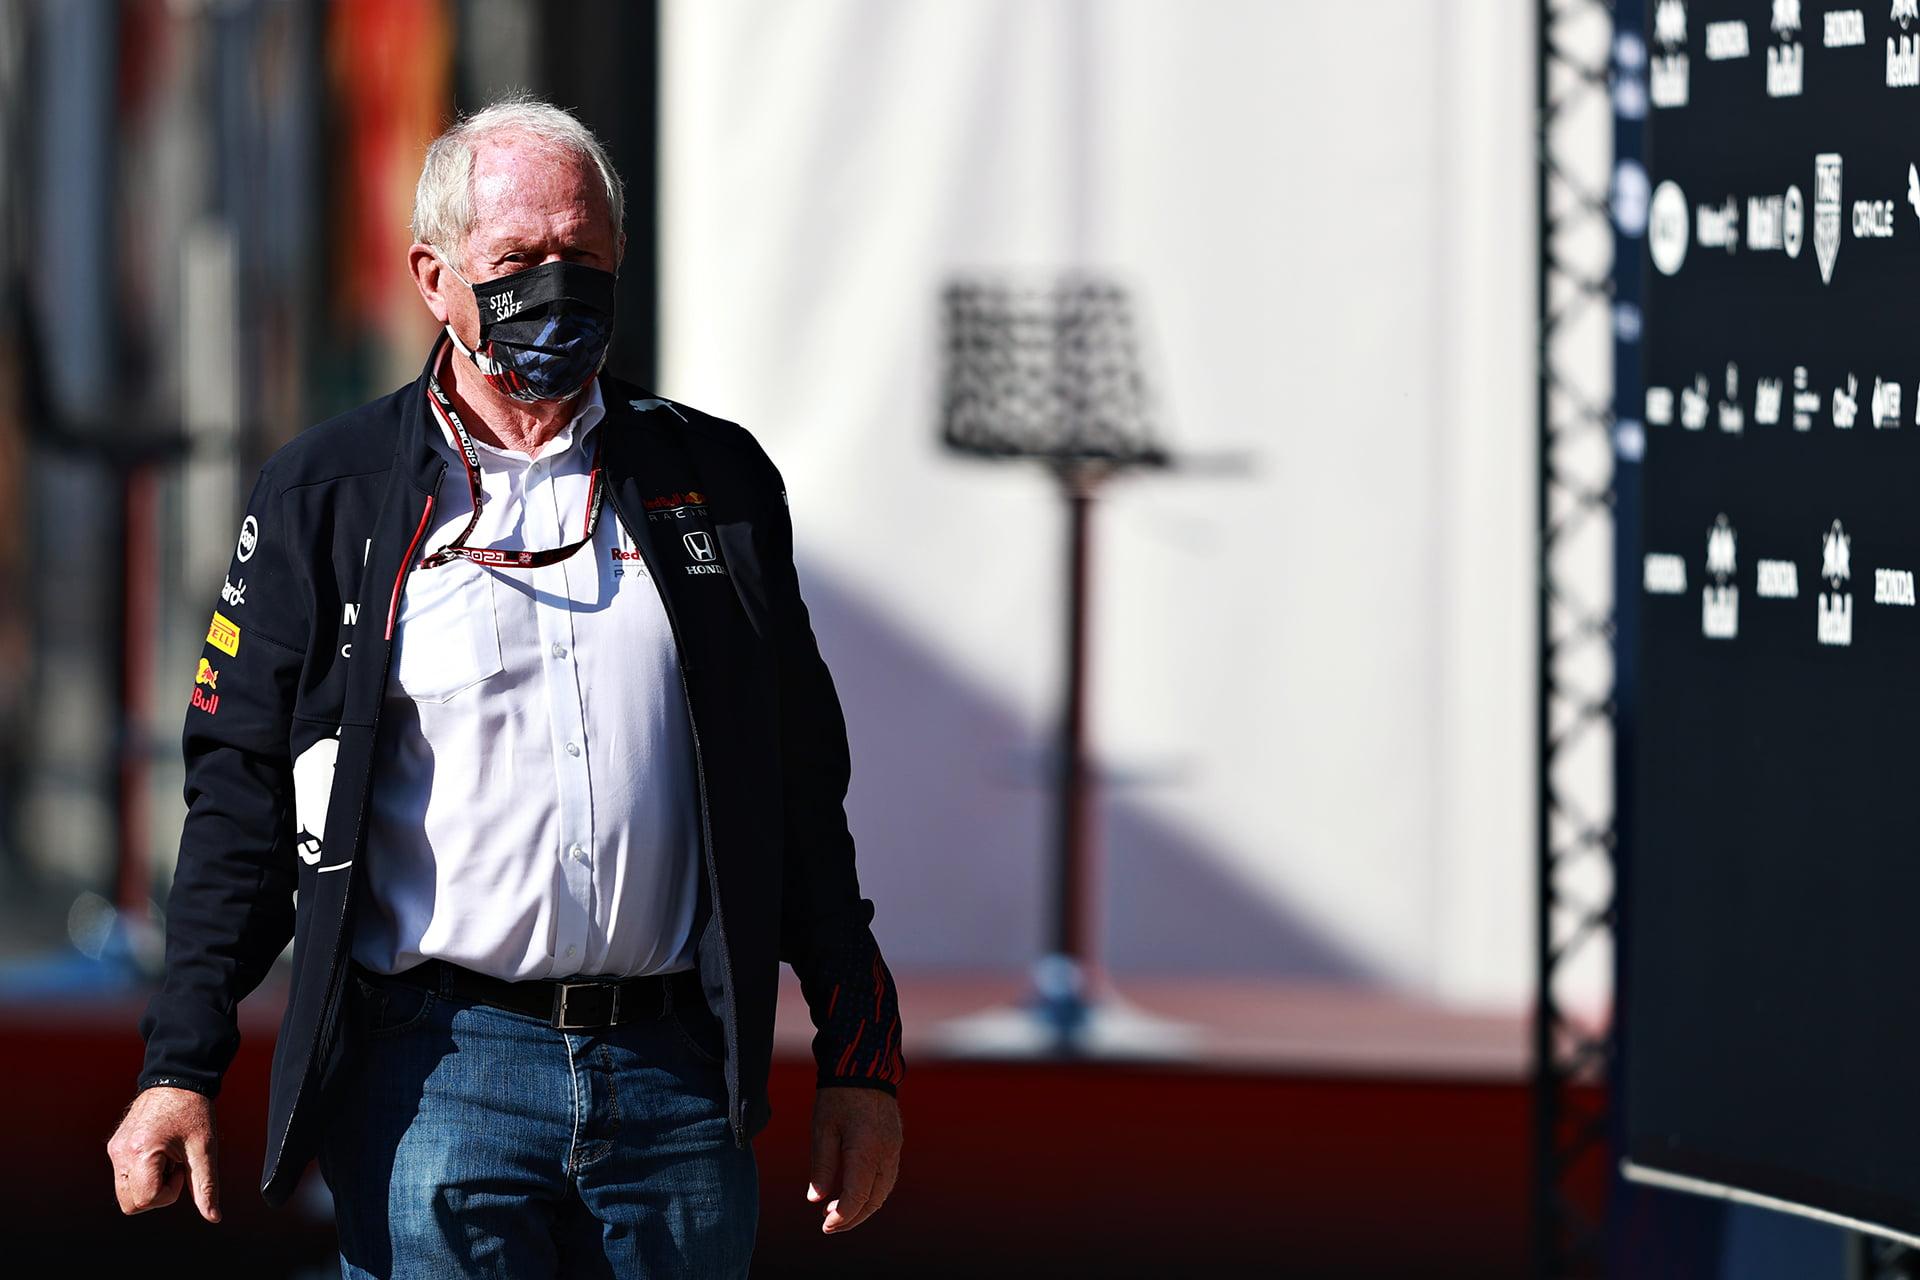 Helmut Marko paseando por el paddock de Montmeló.